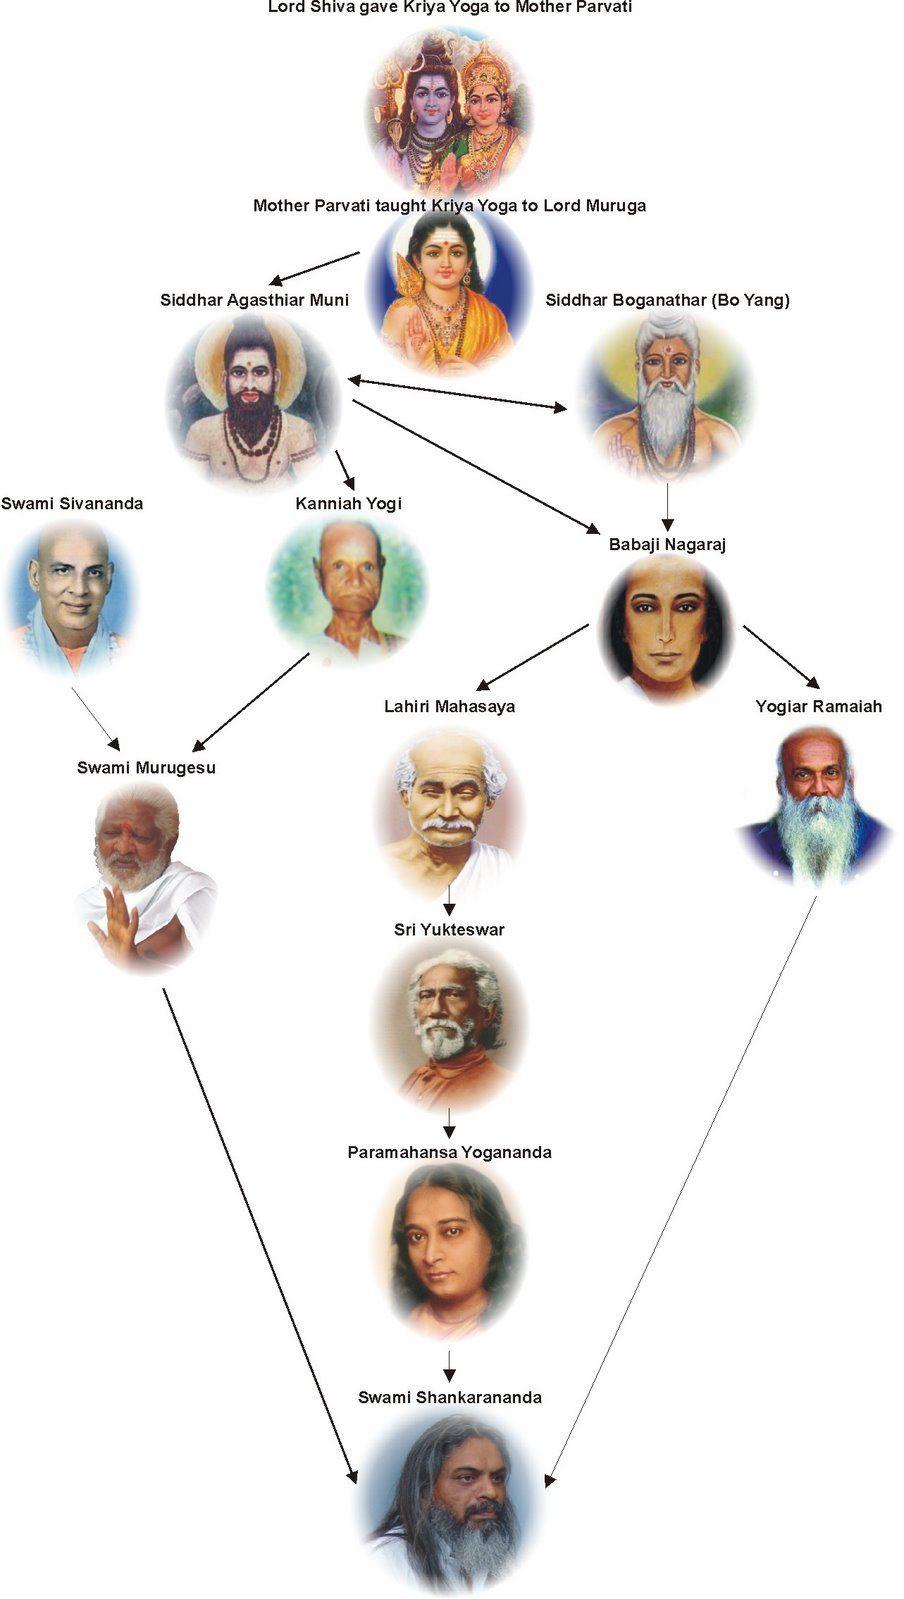 Lineage Swami Shankarananda Kriya Yoga Babaji Paramhansa Yogananda